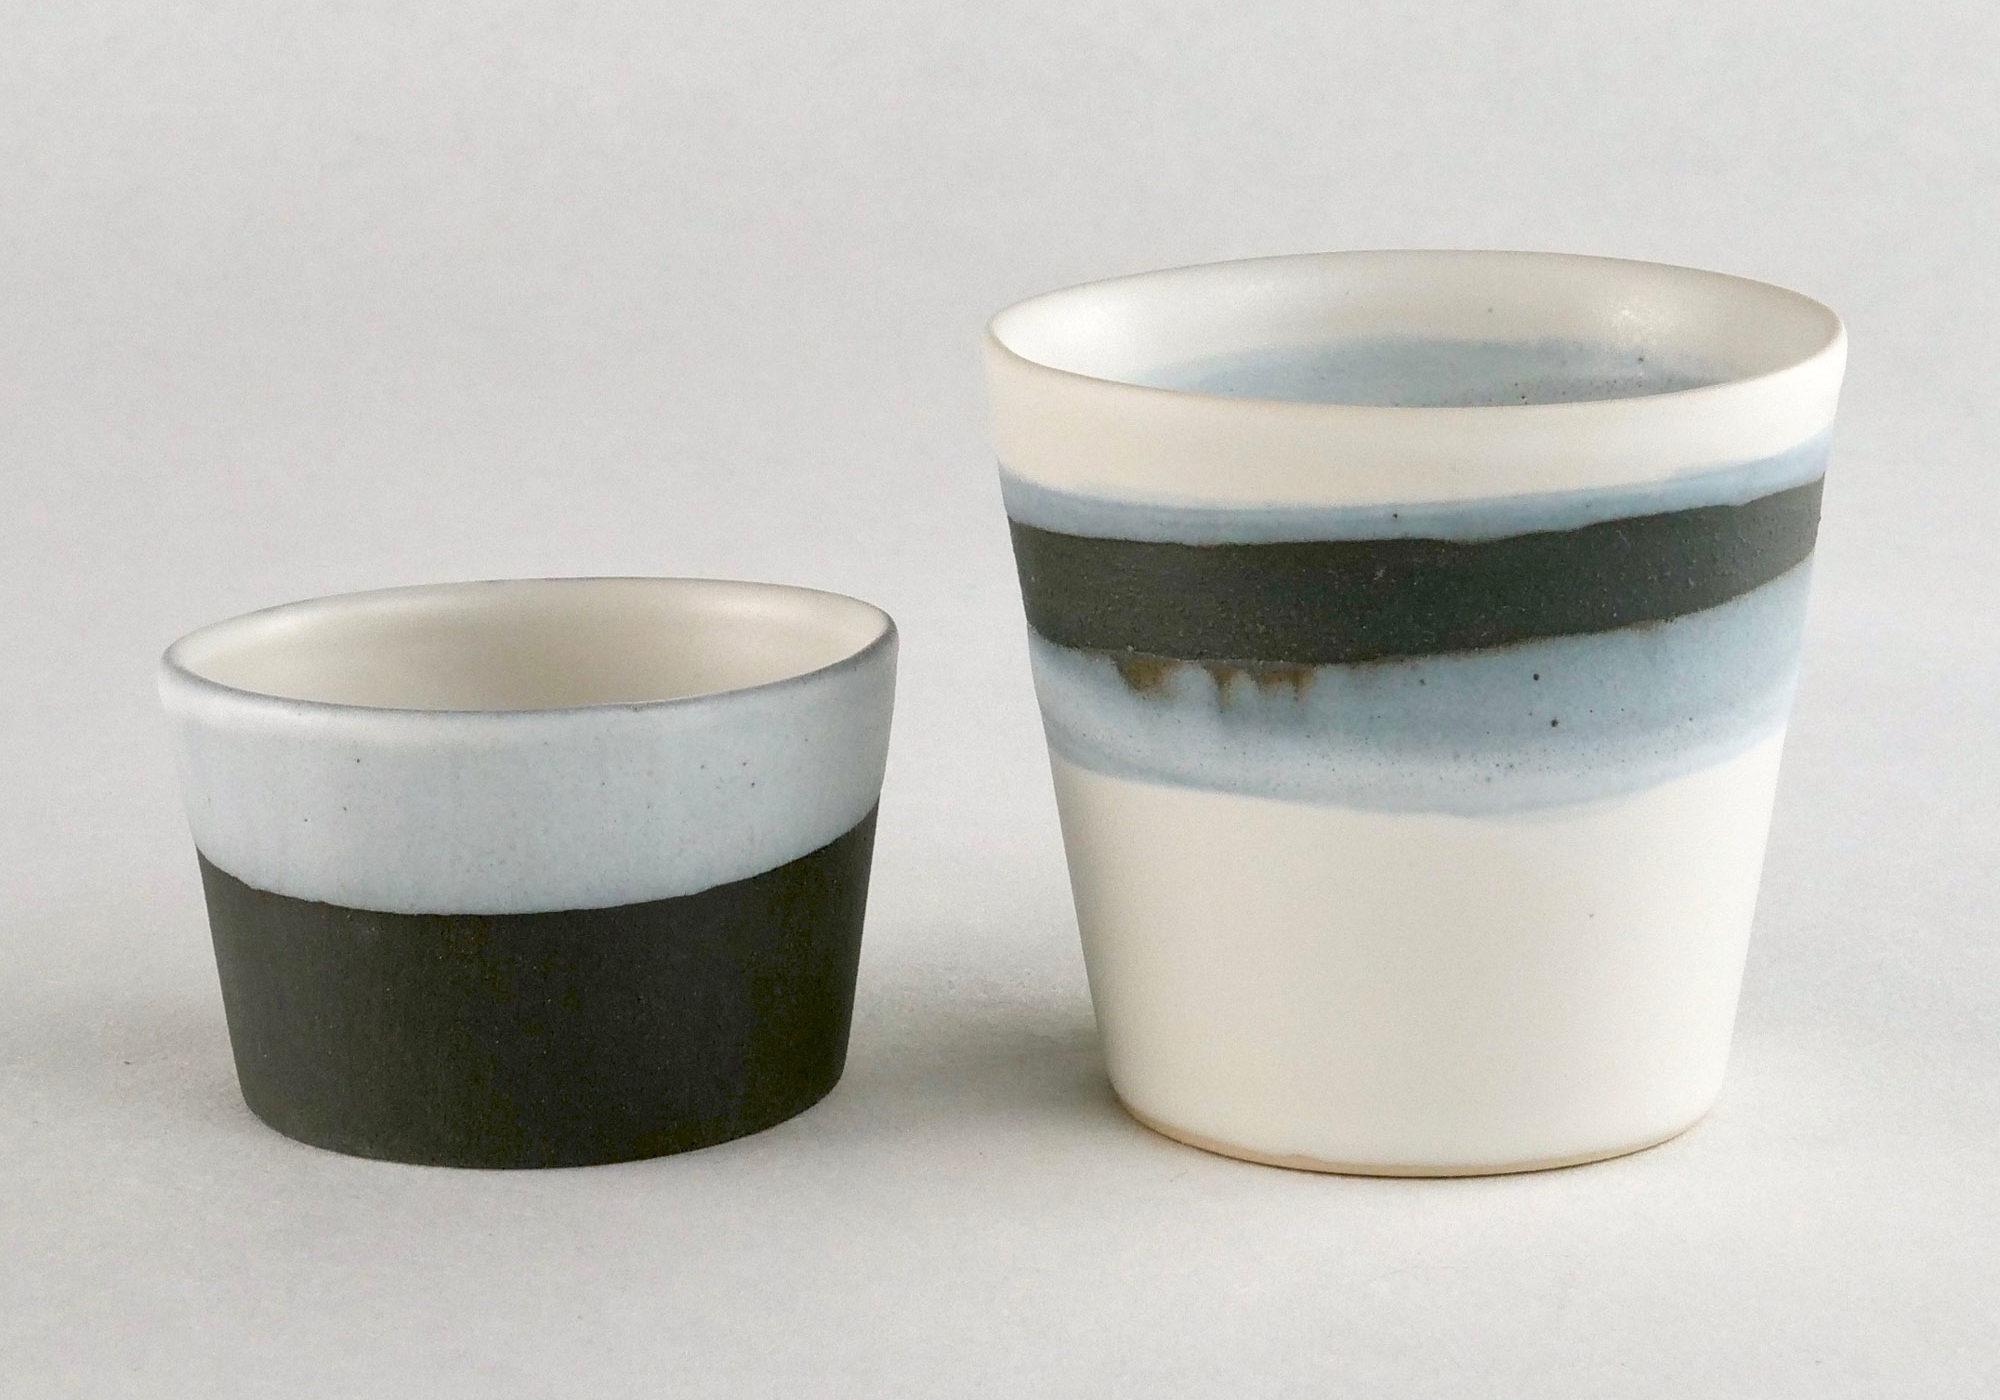 04-gobelets-aline-lafollie-ceramique-poterie